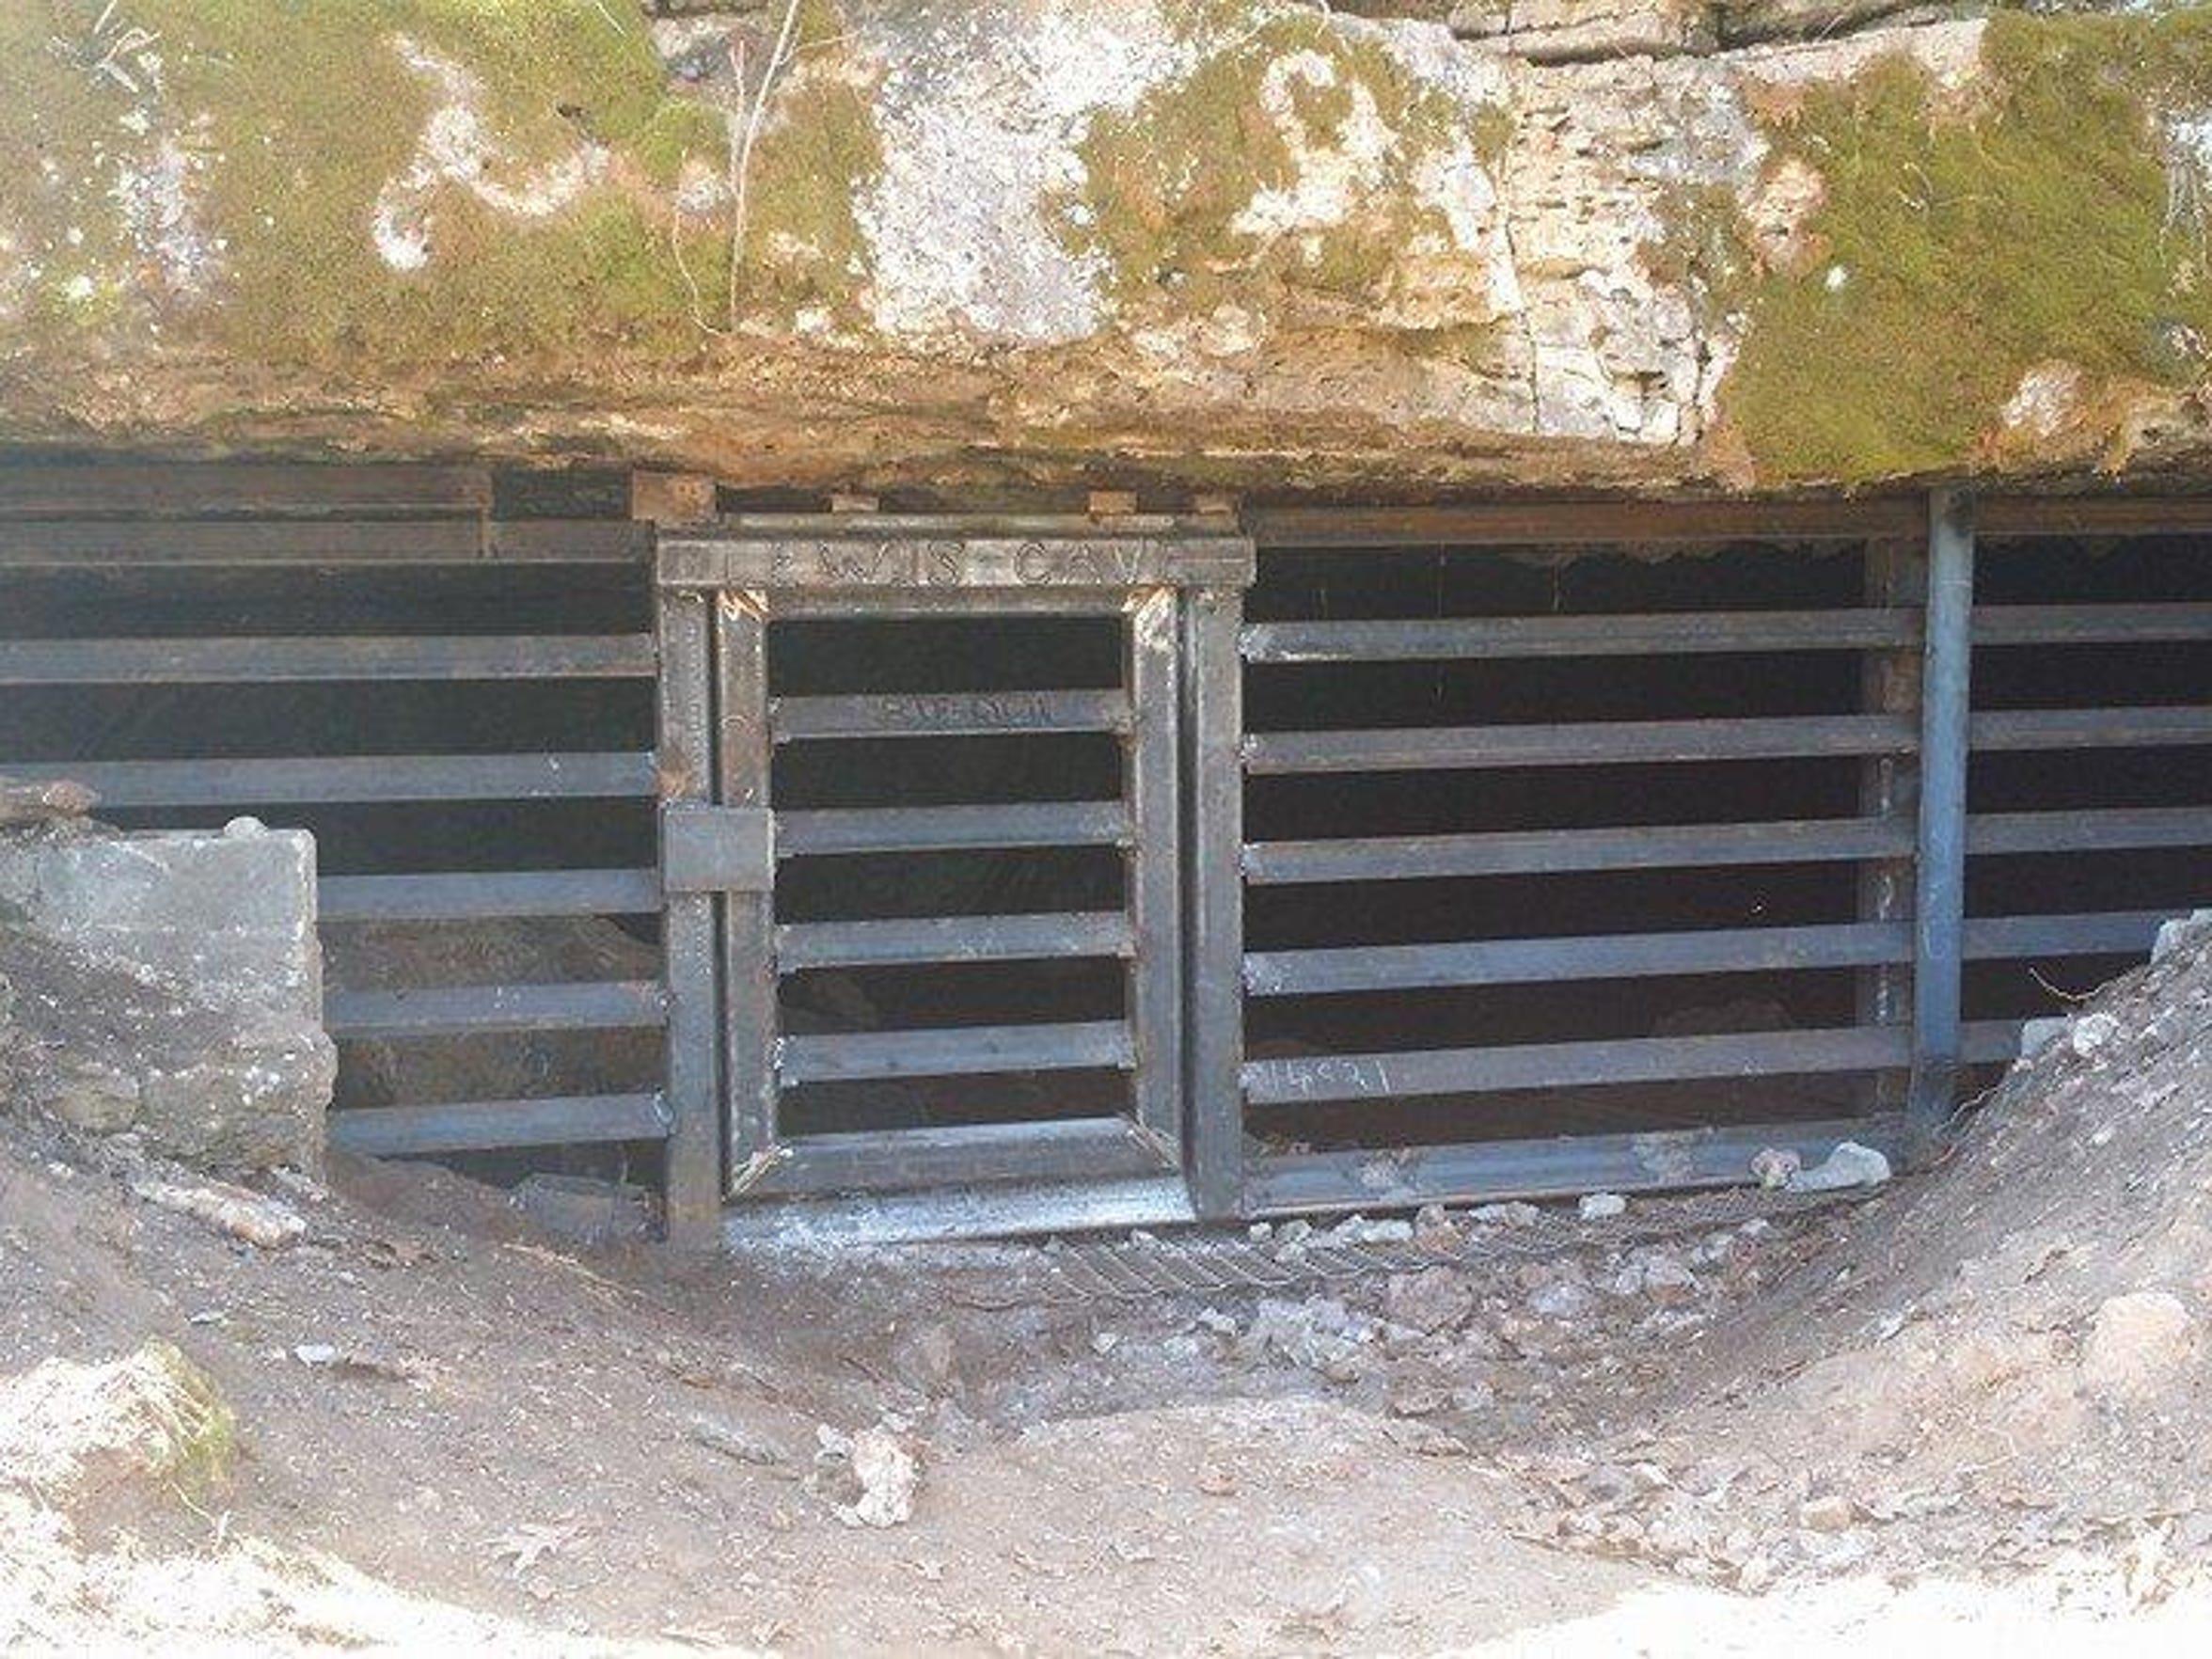 2014_03_23 ZACH WORRELL Lewis Cave Gate Final